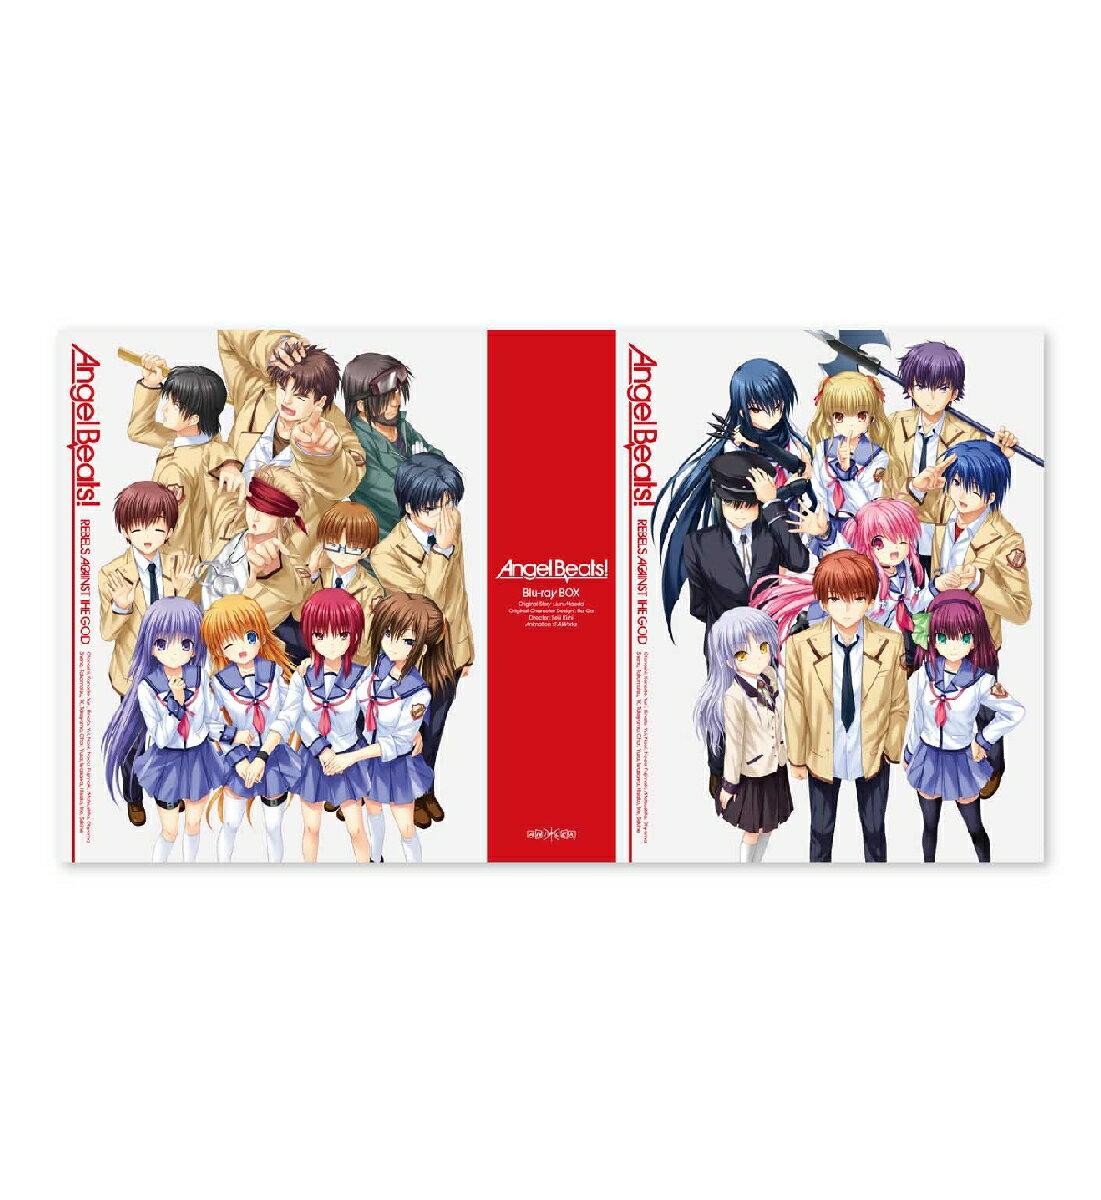 Angel Beats! Blu-ray BOX 【完全生産限定版】【Blu-ray】 [ 神谷浩史 ]